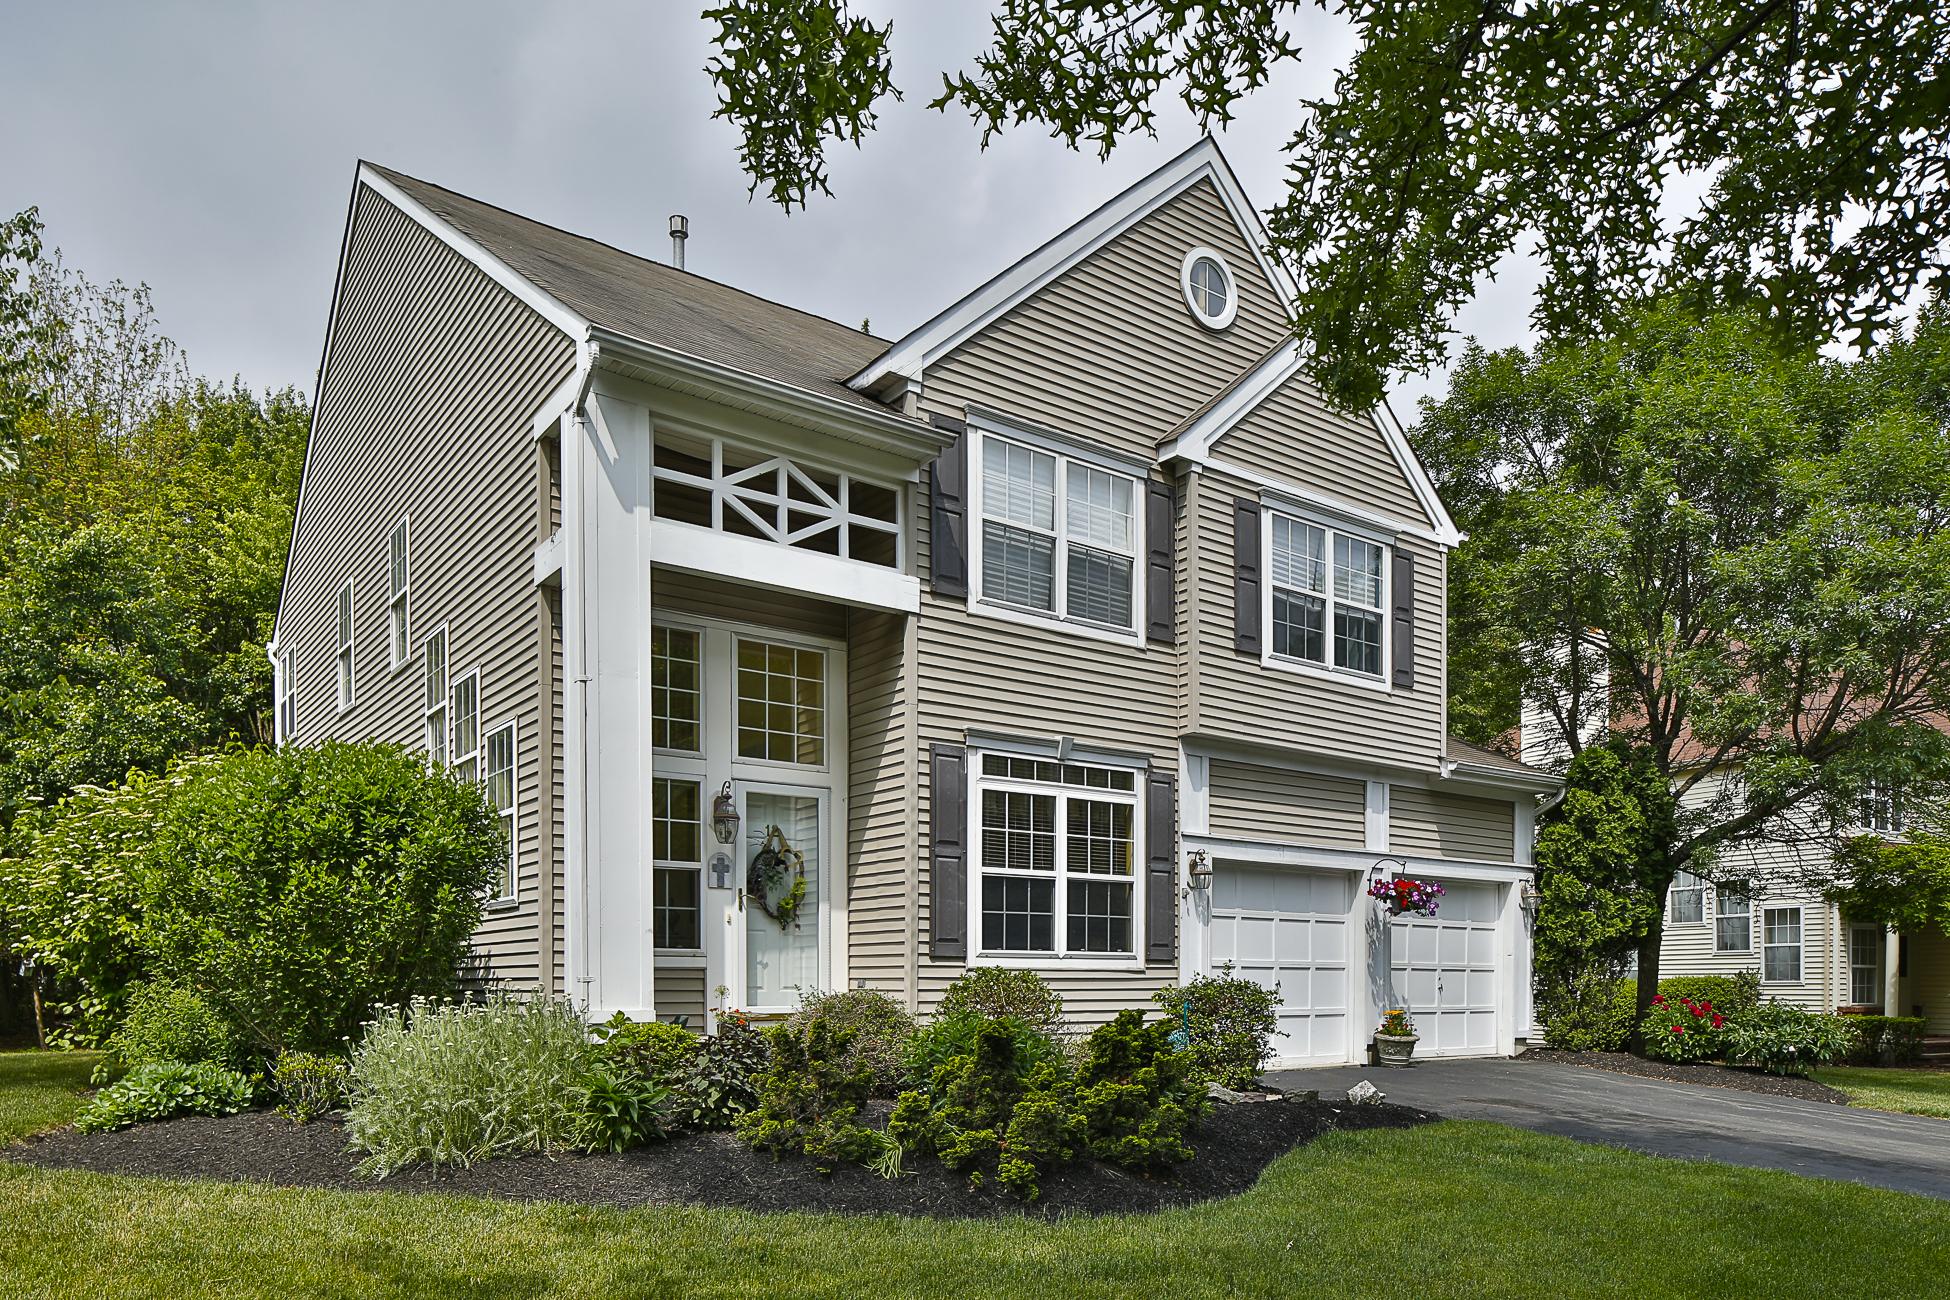 Casa para uma família para Venda às In Montgomery Township's Woodsedge Community 12 Rutgers Lane Princeton, Nova Jersey 08540 Estados Unidos